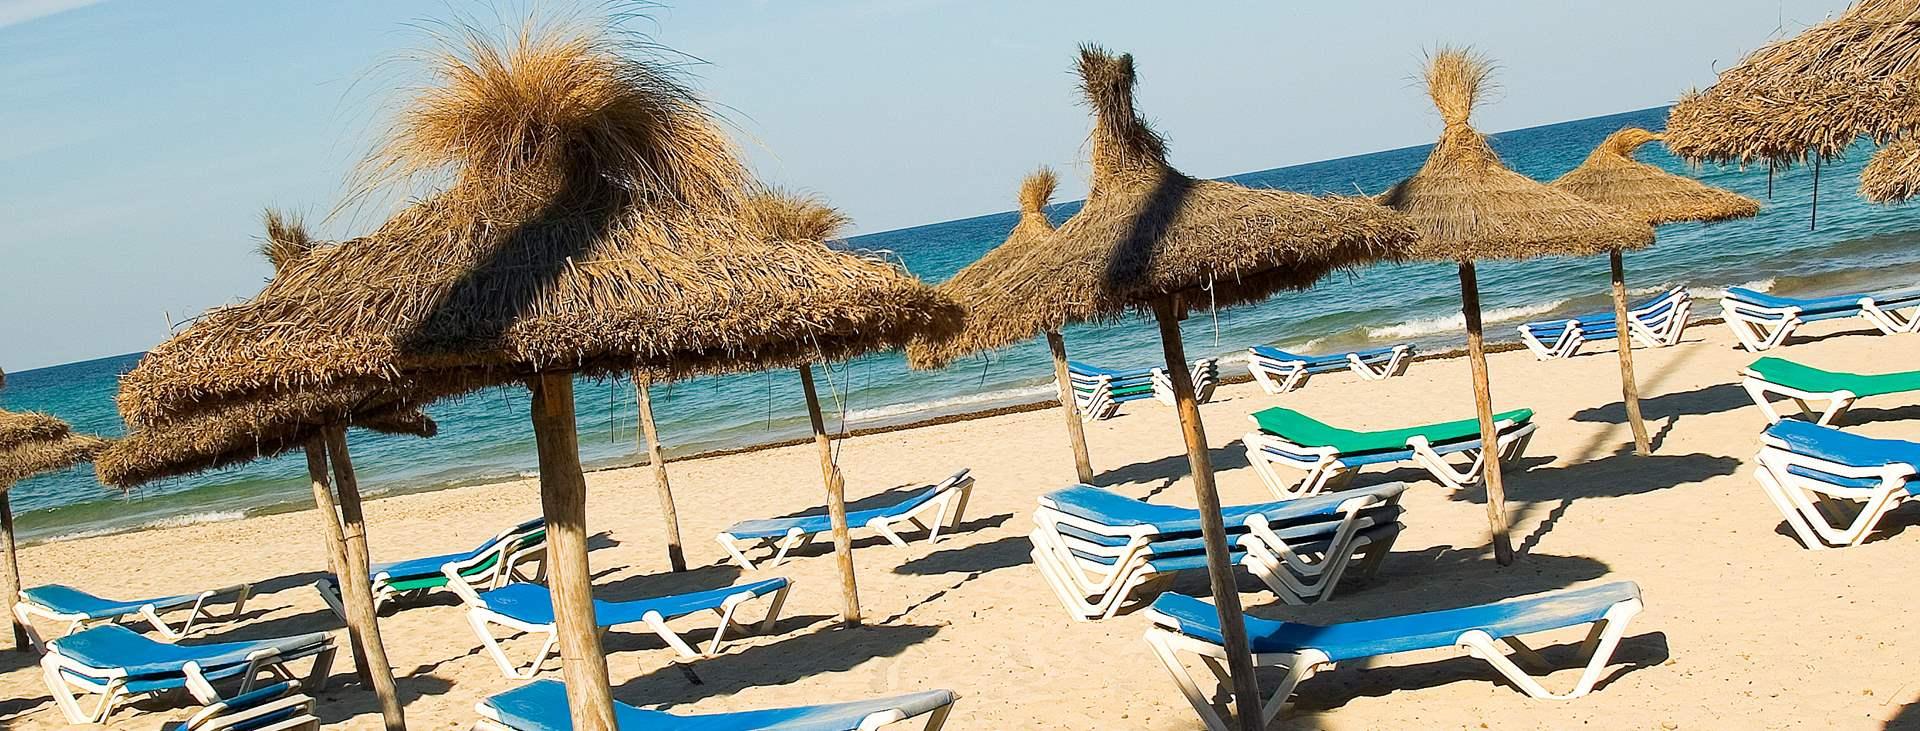 Matkat Cala Milloriin Mallorcalle